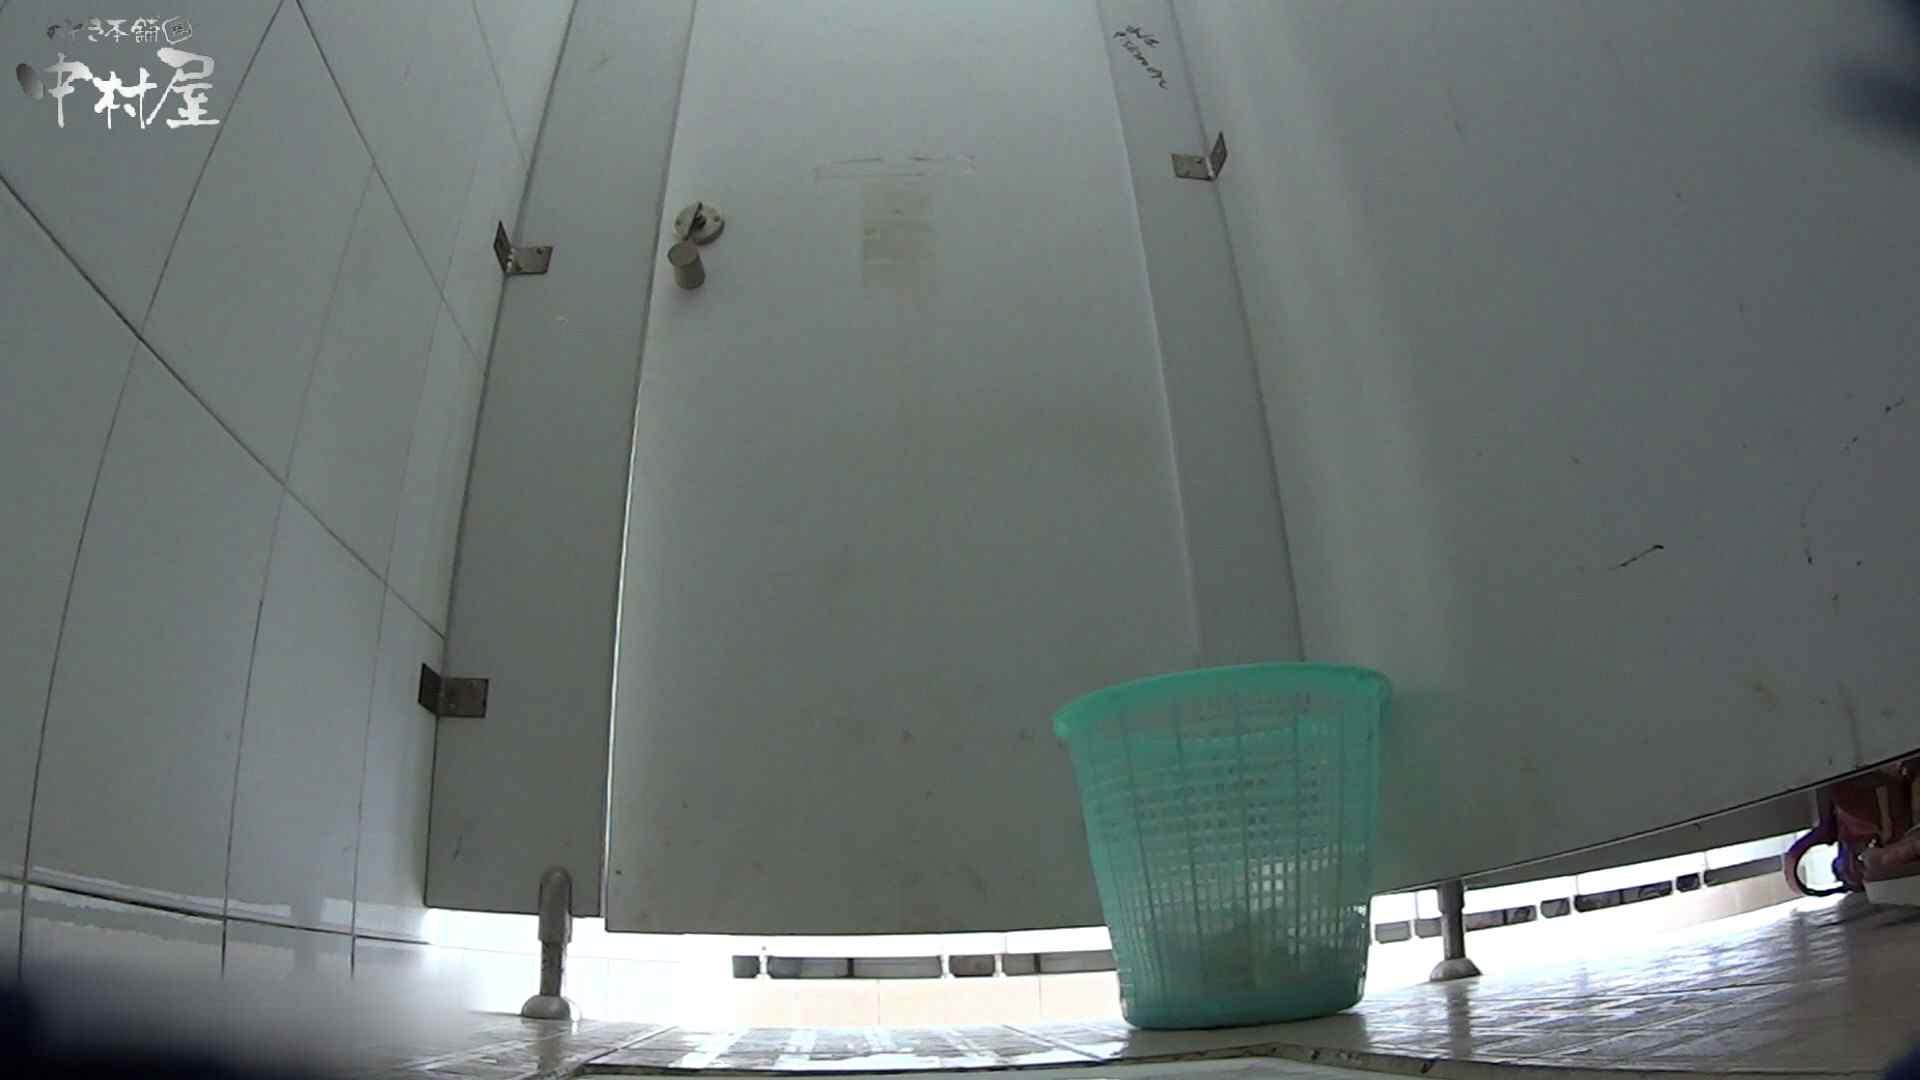 美しい女良たちのトイレ事情 有名大学休憩時間の洗面所事情06 高画質  101Pix 54